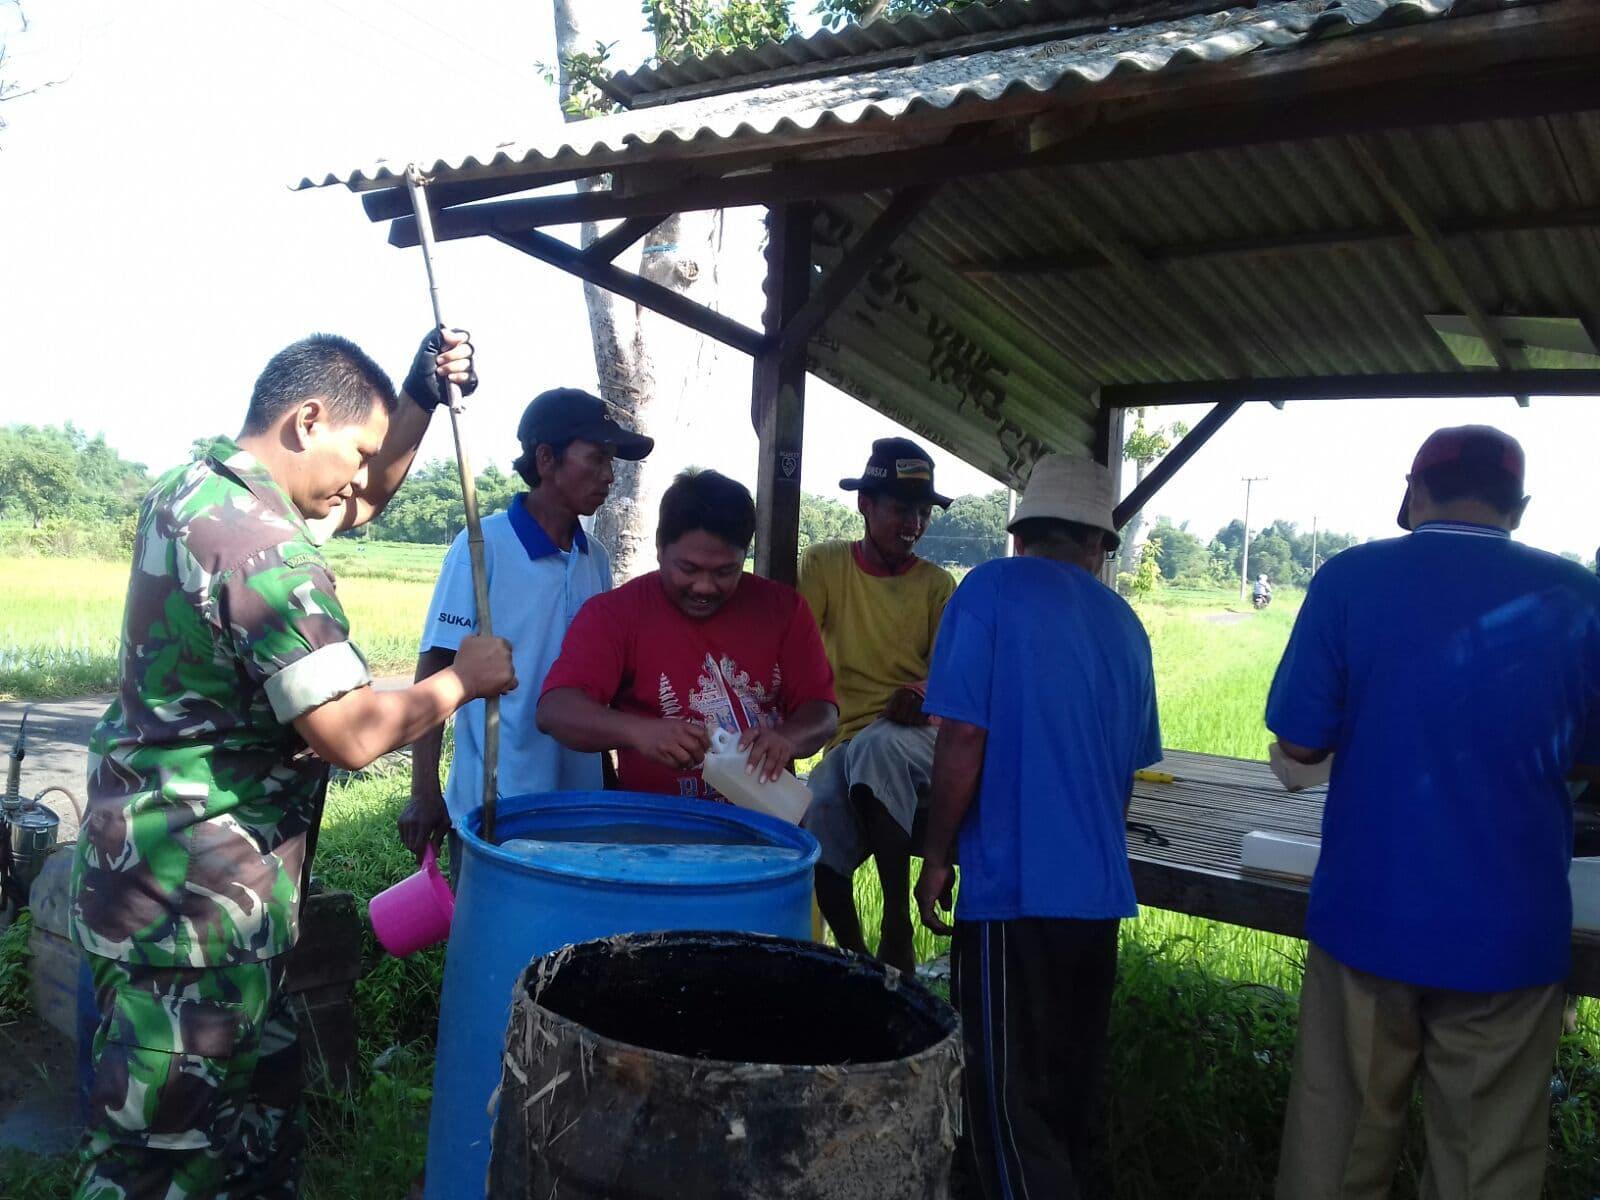 Kodim Bangkalan Intensifkan Komunikasi Soasial untuk Swasembada Pangan